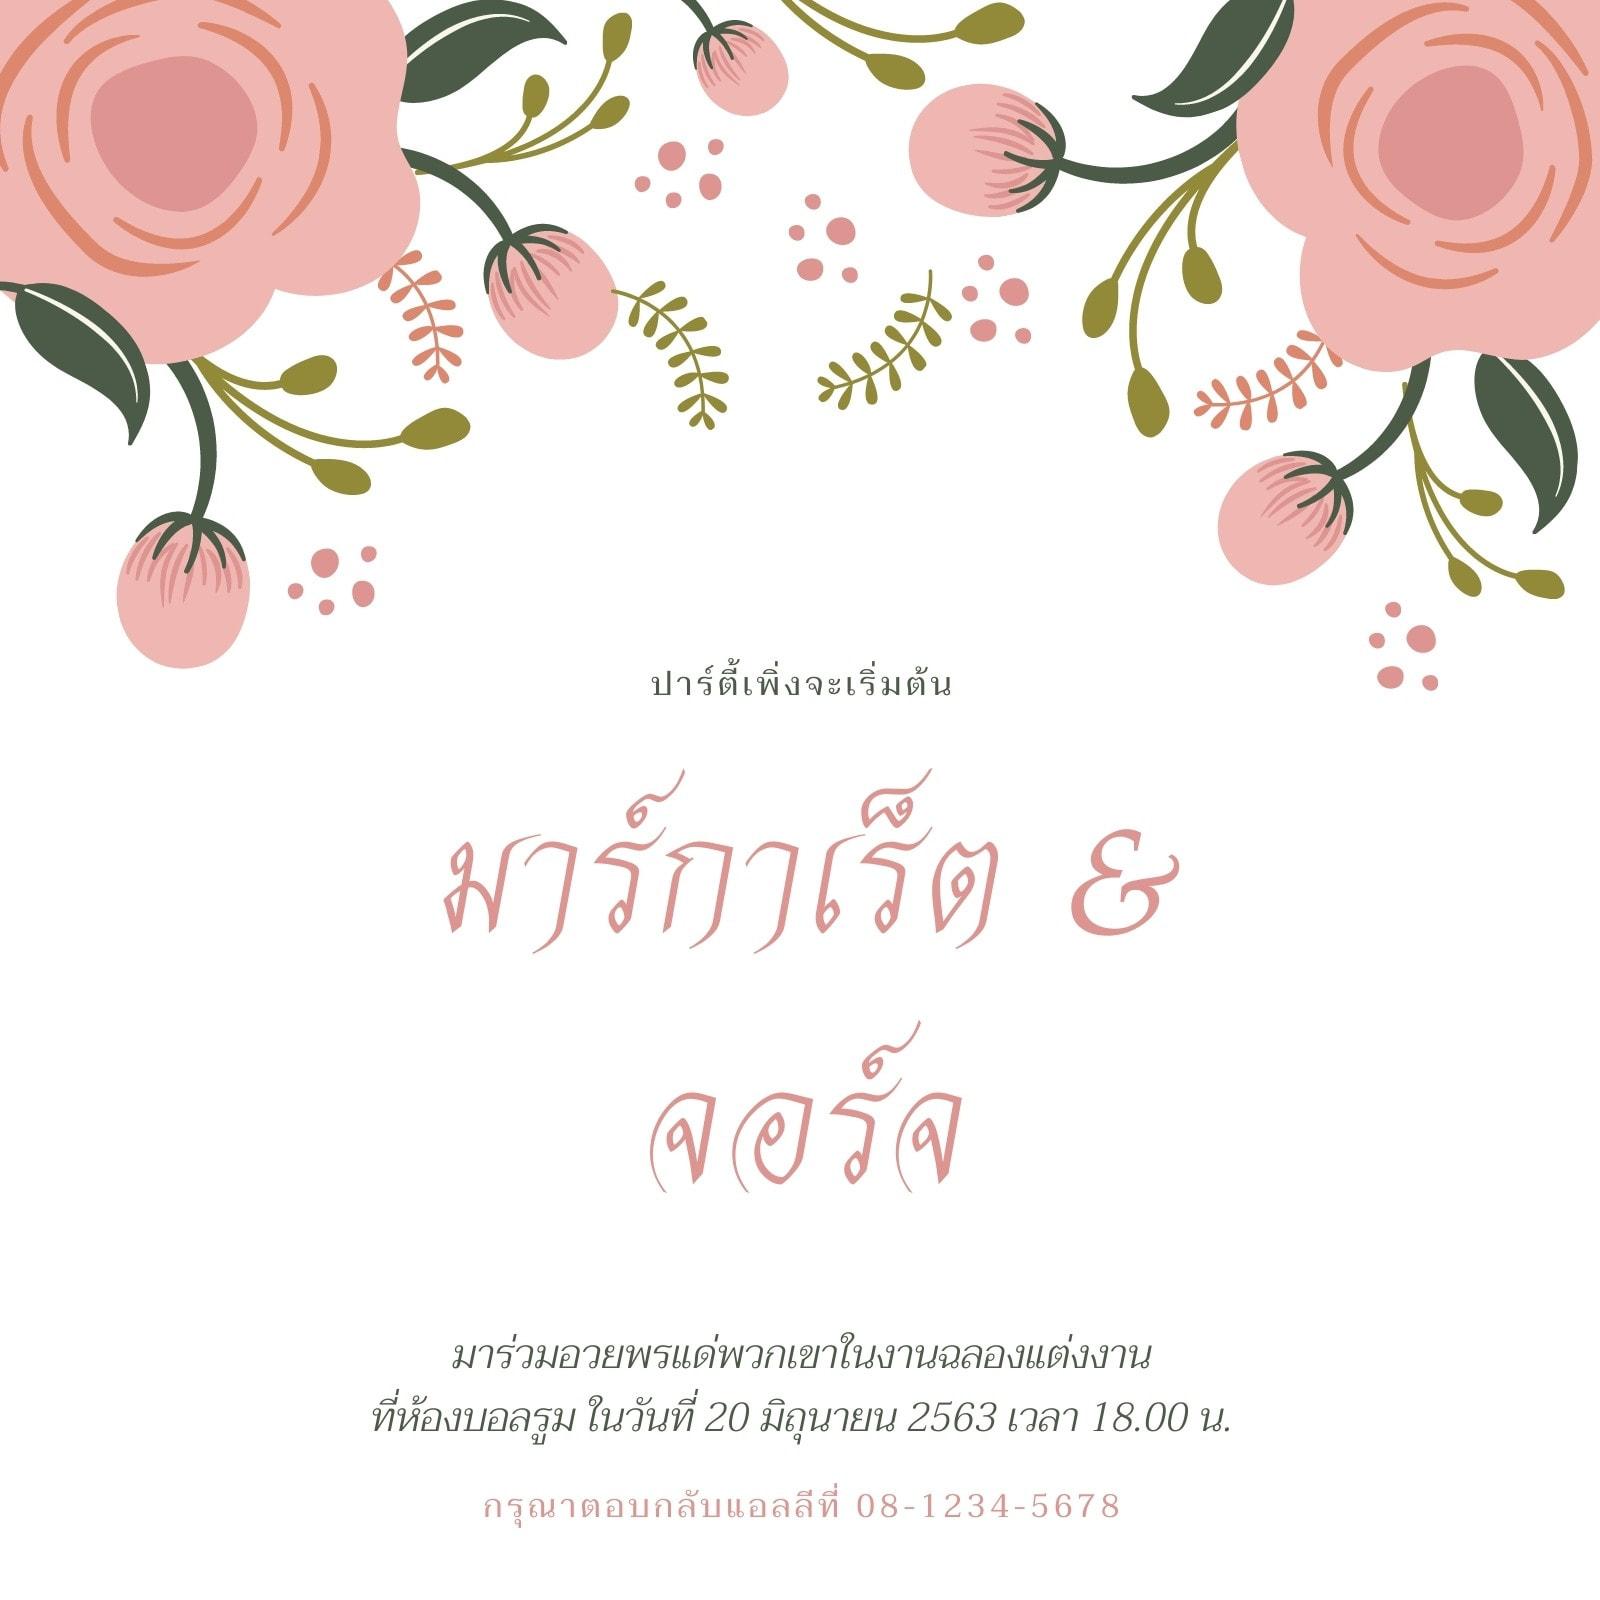 คำเชิญ งานฉลองแต่งงาน ลายดอกไม้ สีชมพูและสีขาว